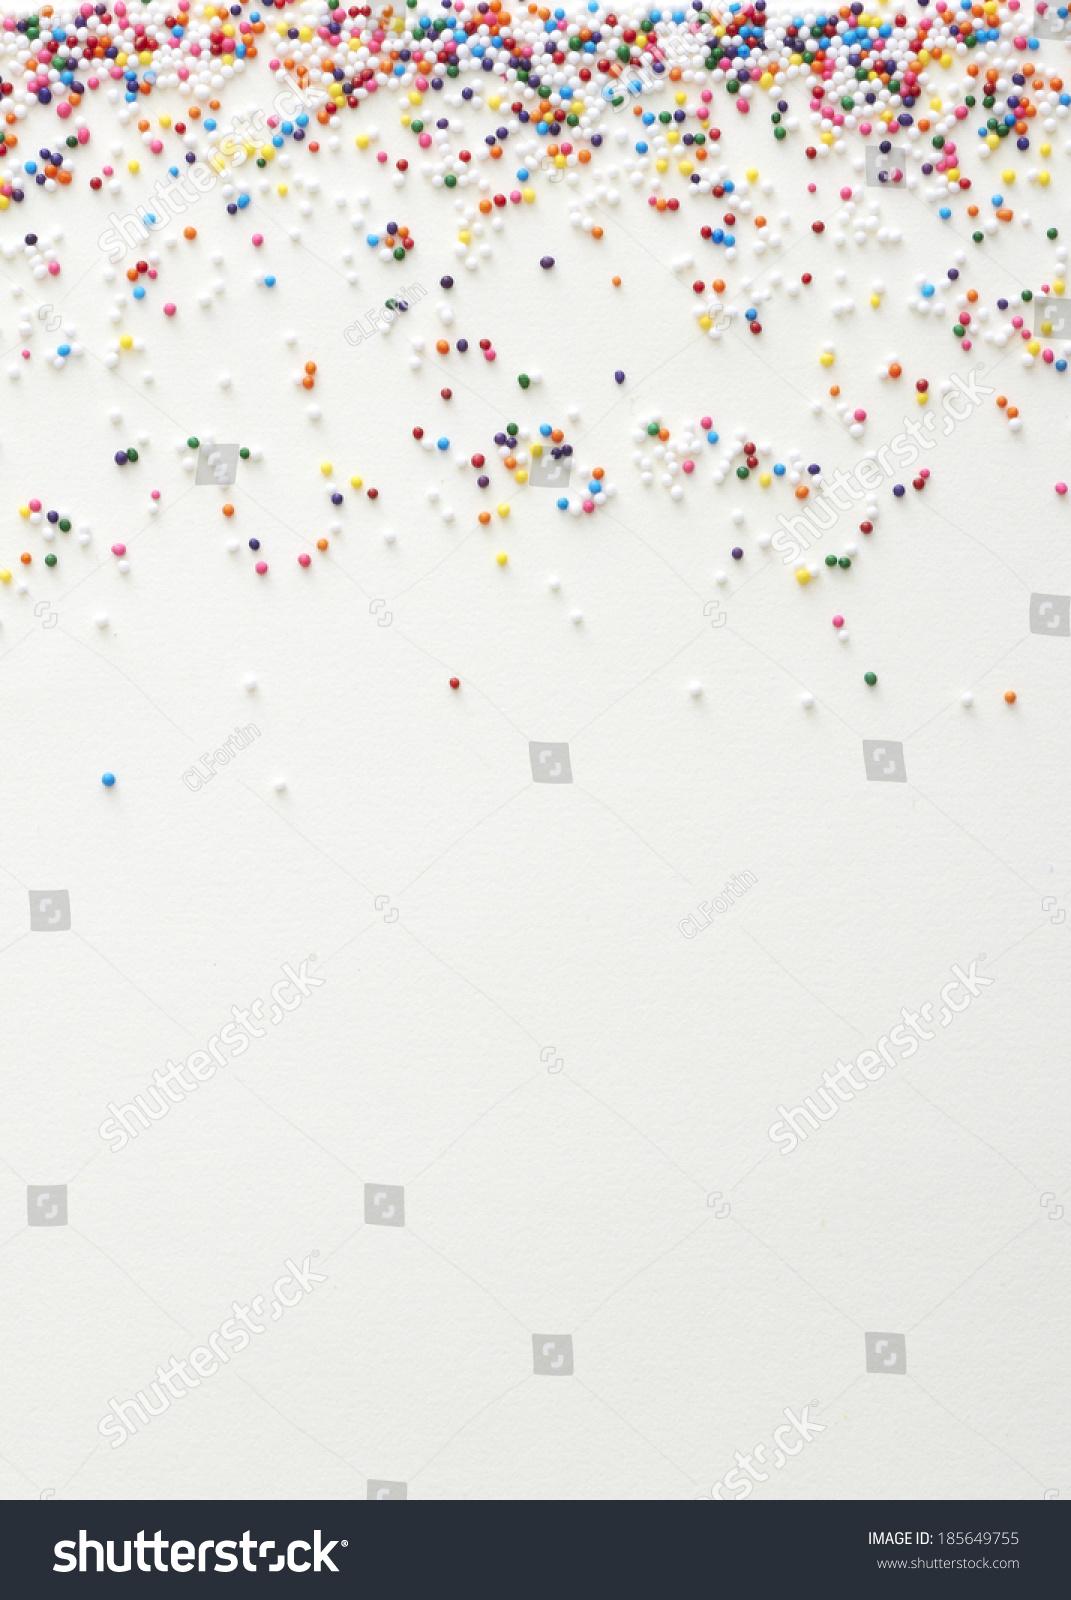 彩虹洒在白色背景-背景/素材